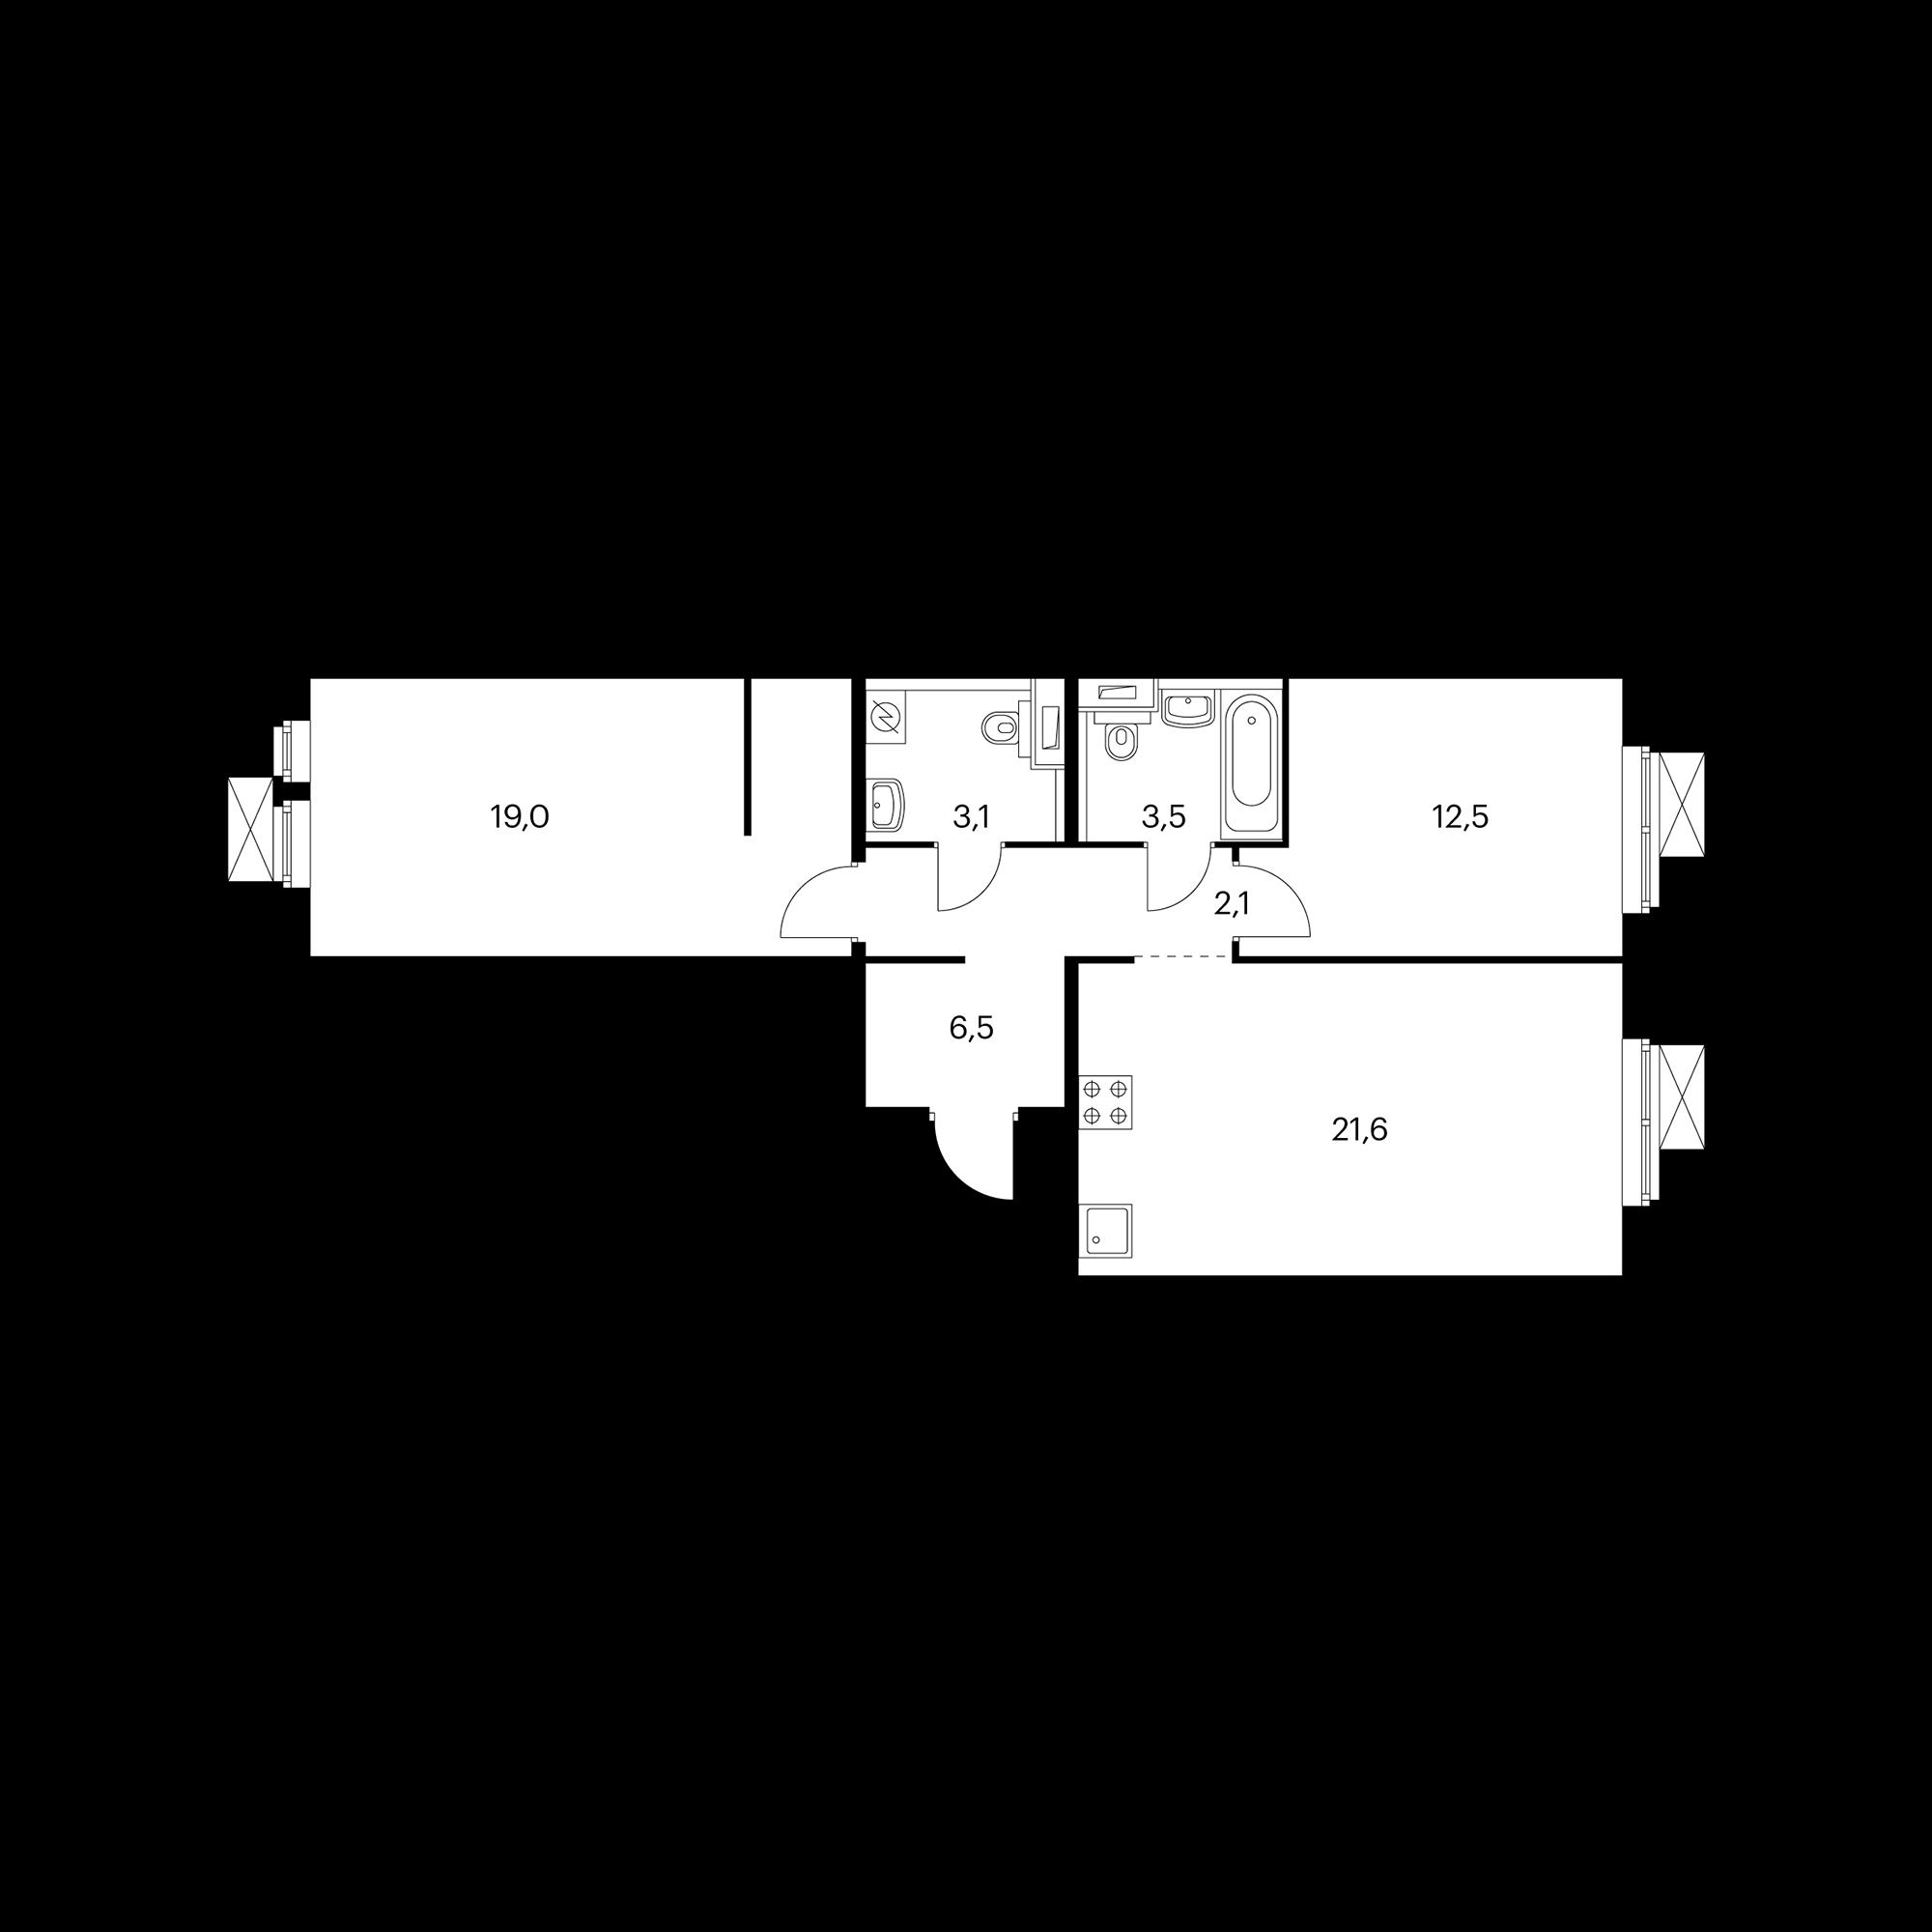 2EL3_6.9-1_S_A3